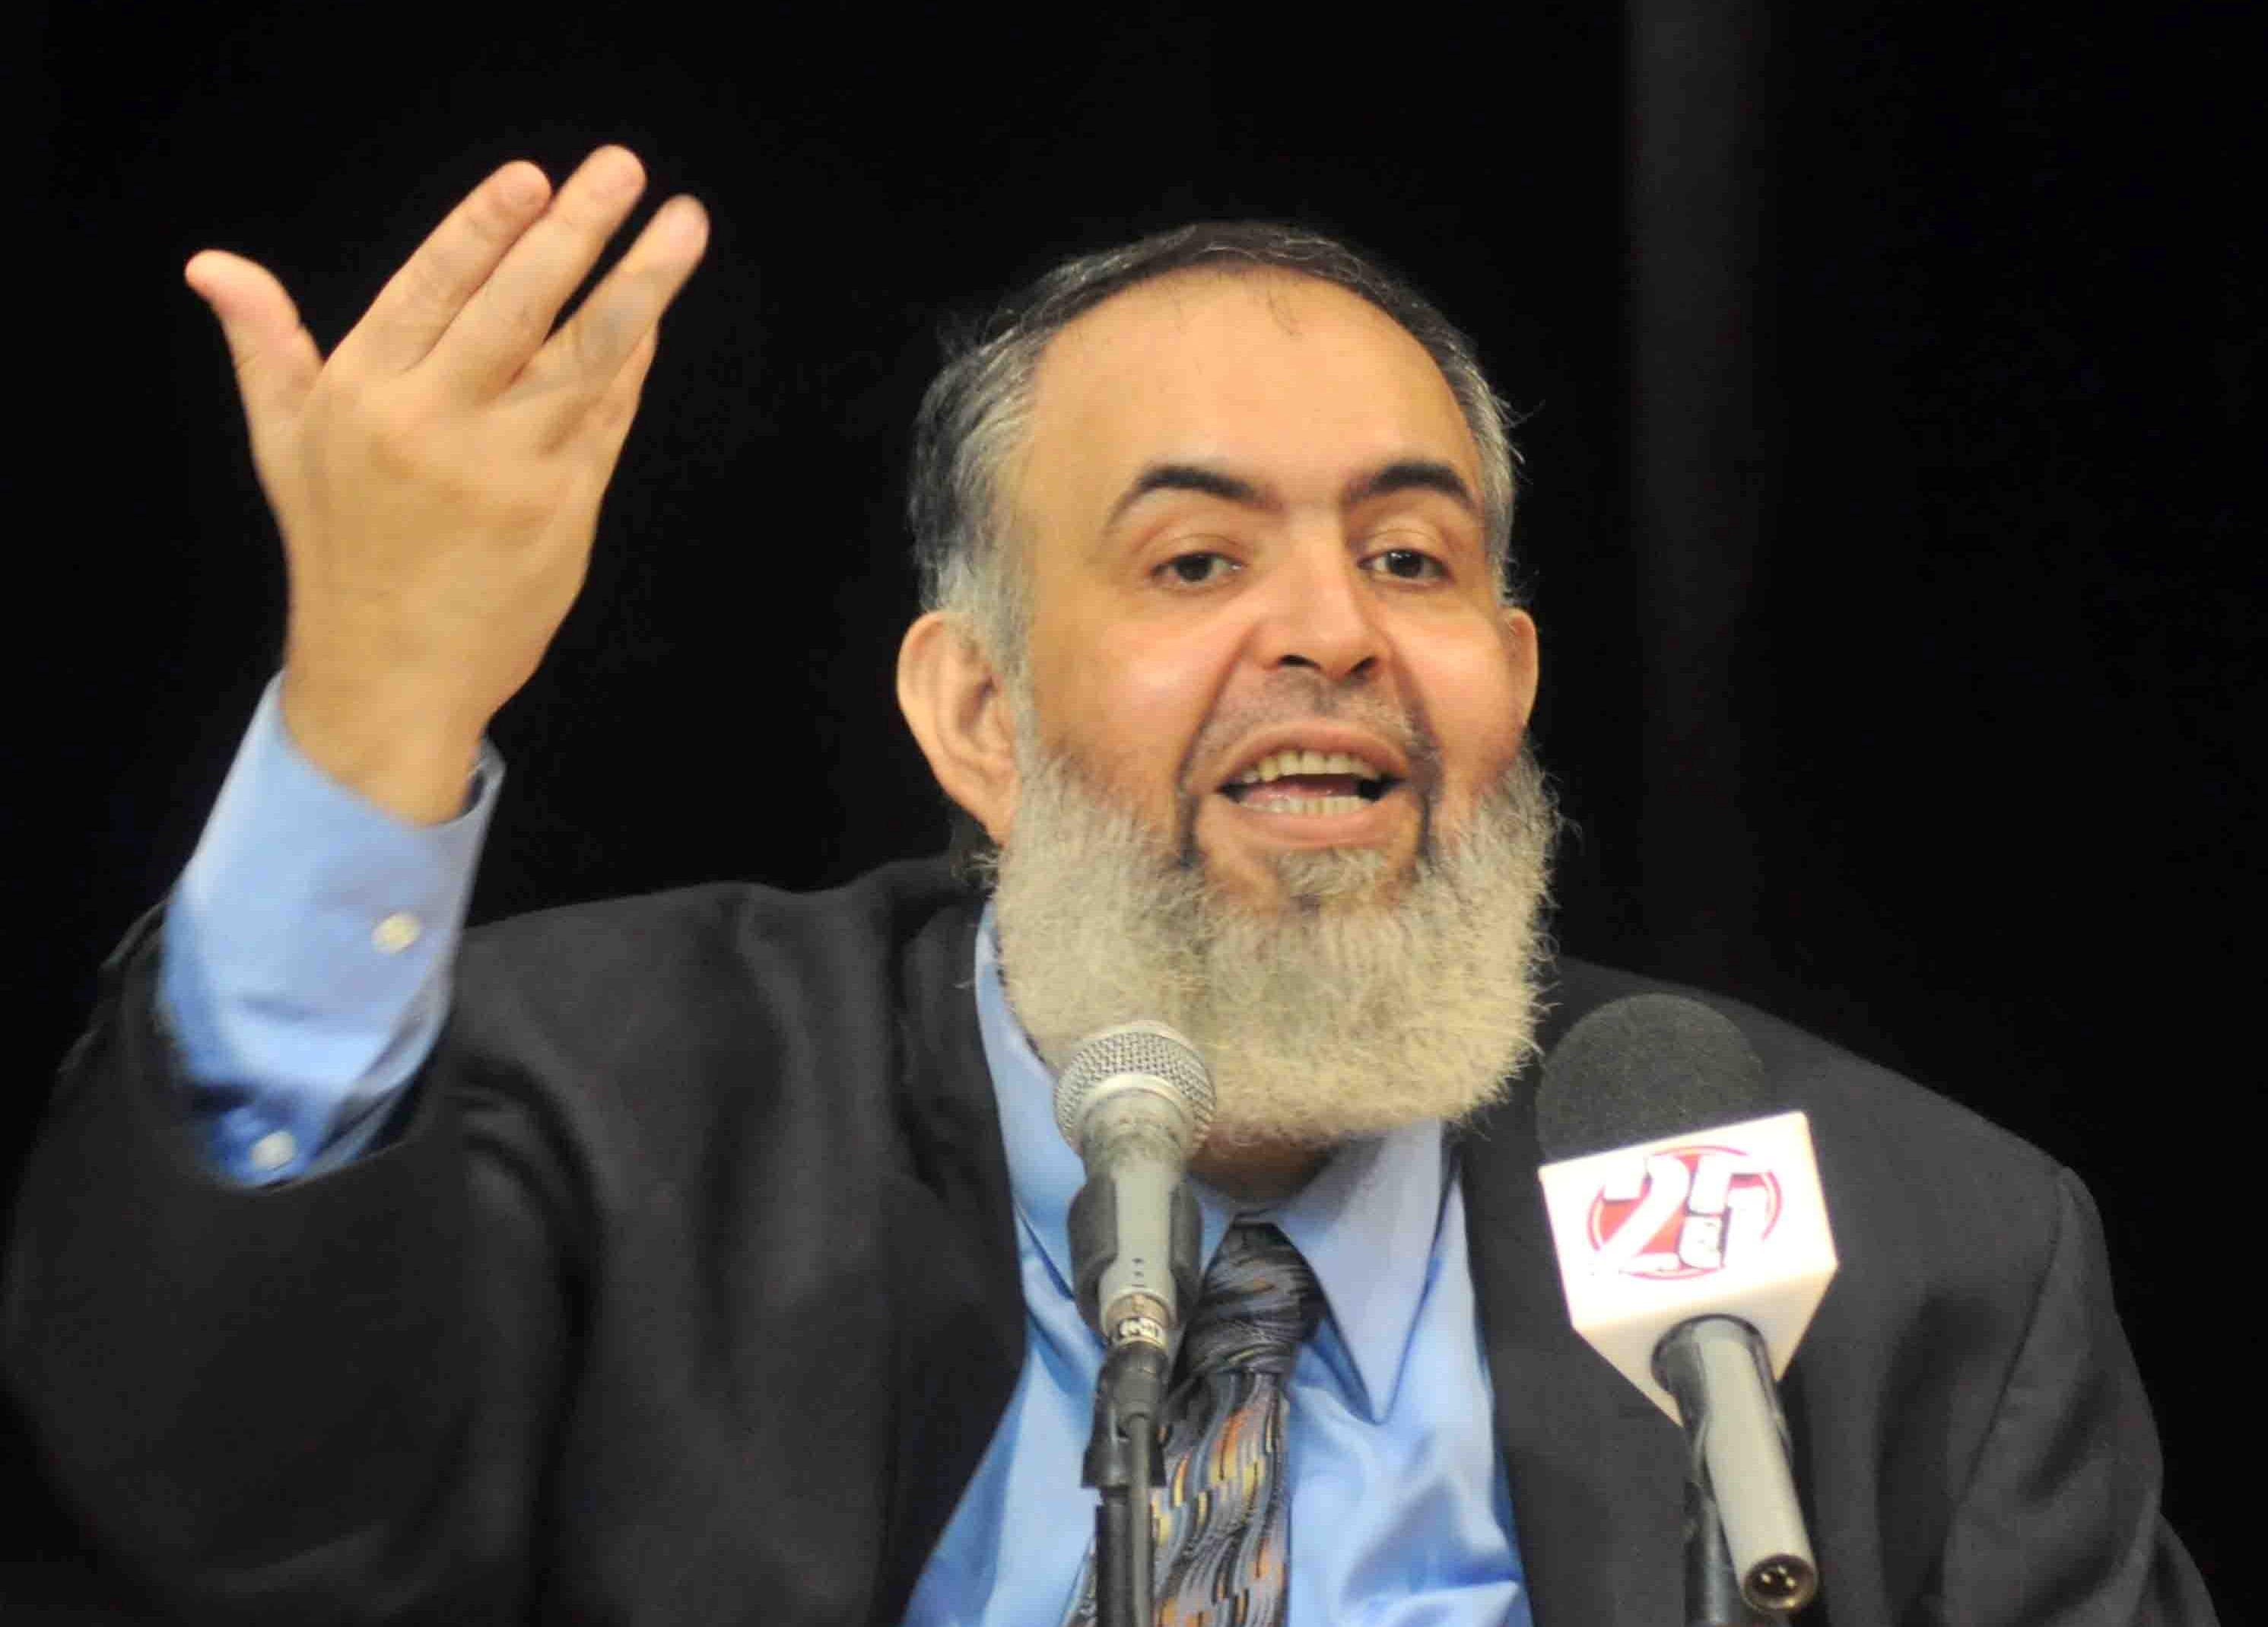 إسقاط عضوية حازم أبوإسماعيل من نقابة المحامين وعدد من الشخصيات